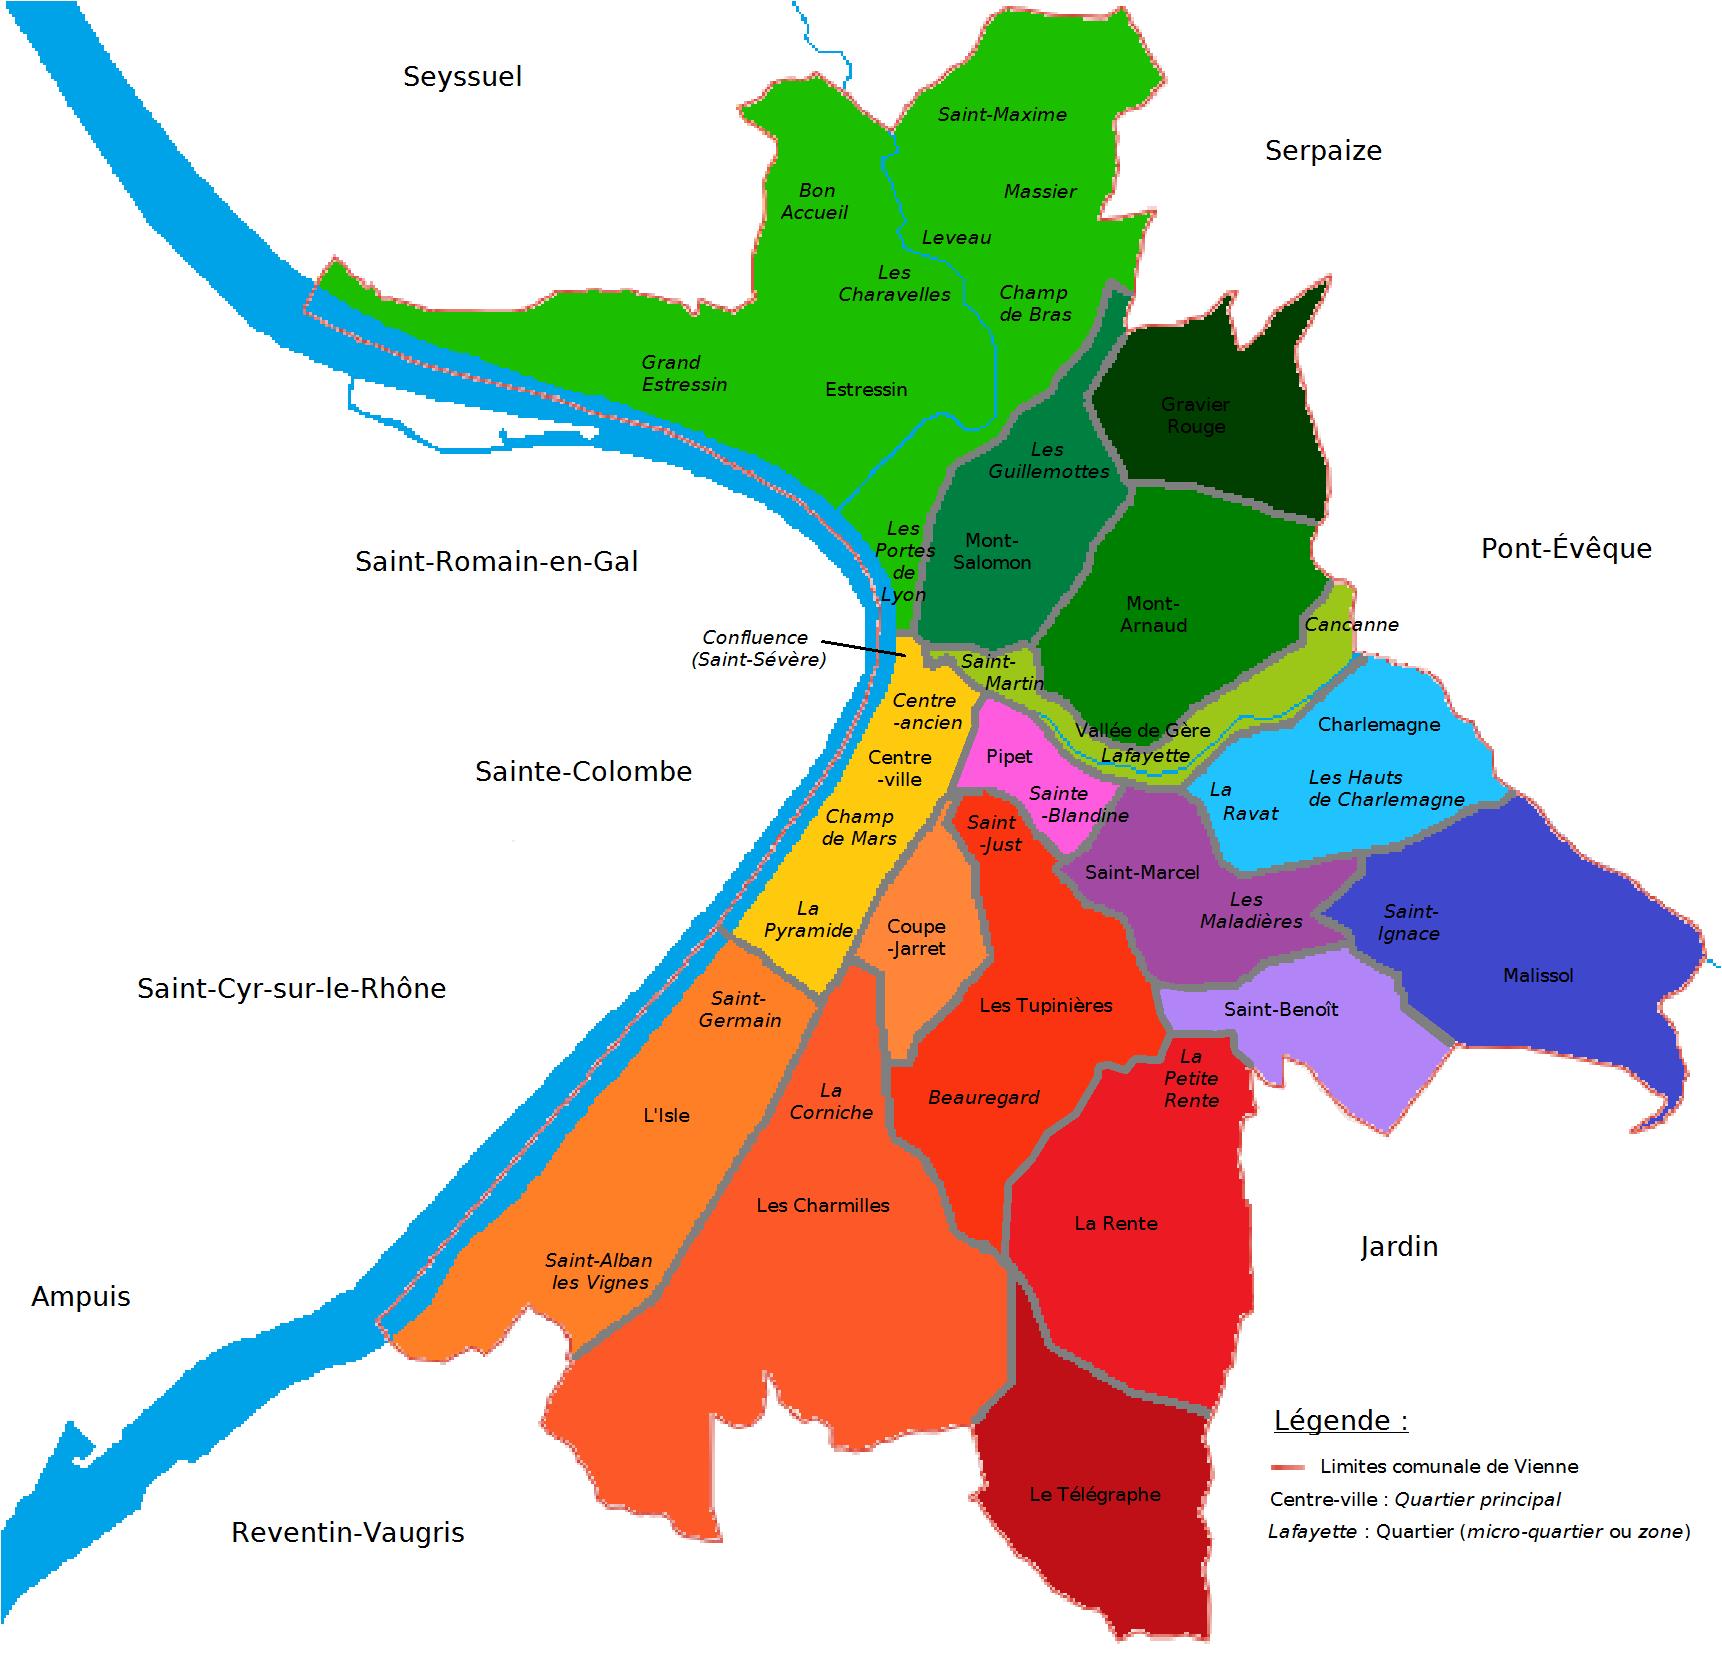 File:Carte des quartiers de Vienne.png - Wikimedia Commons